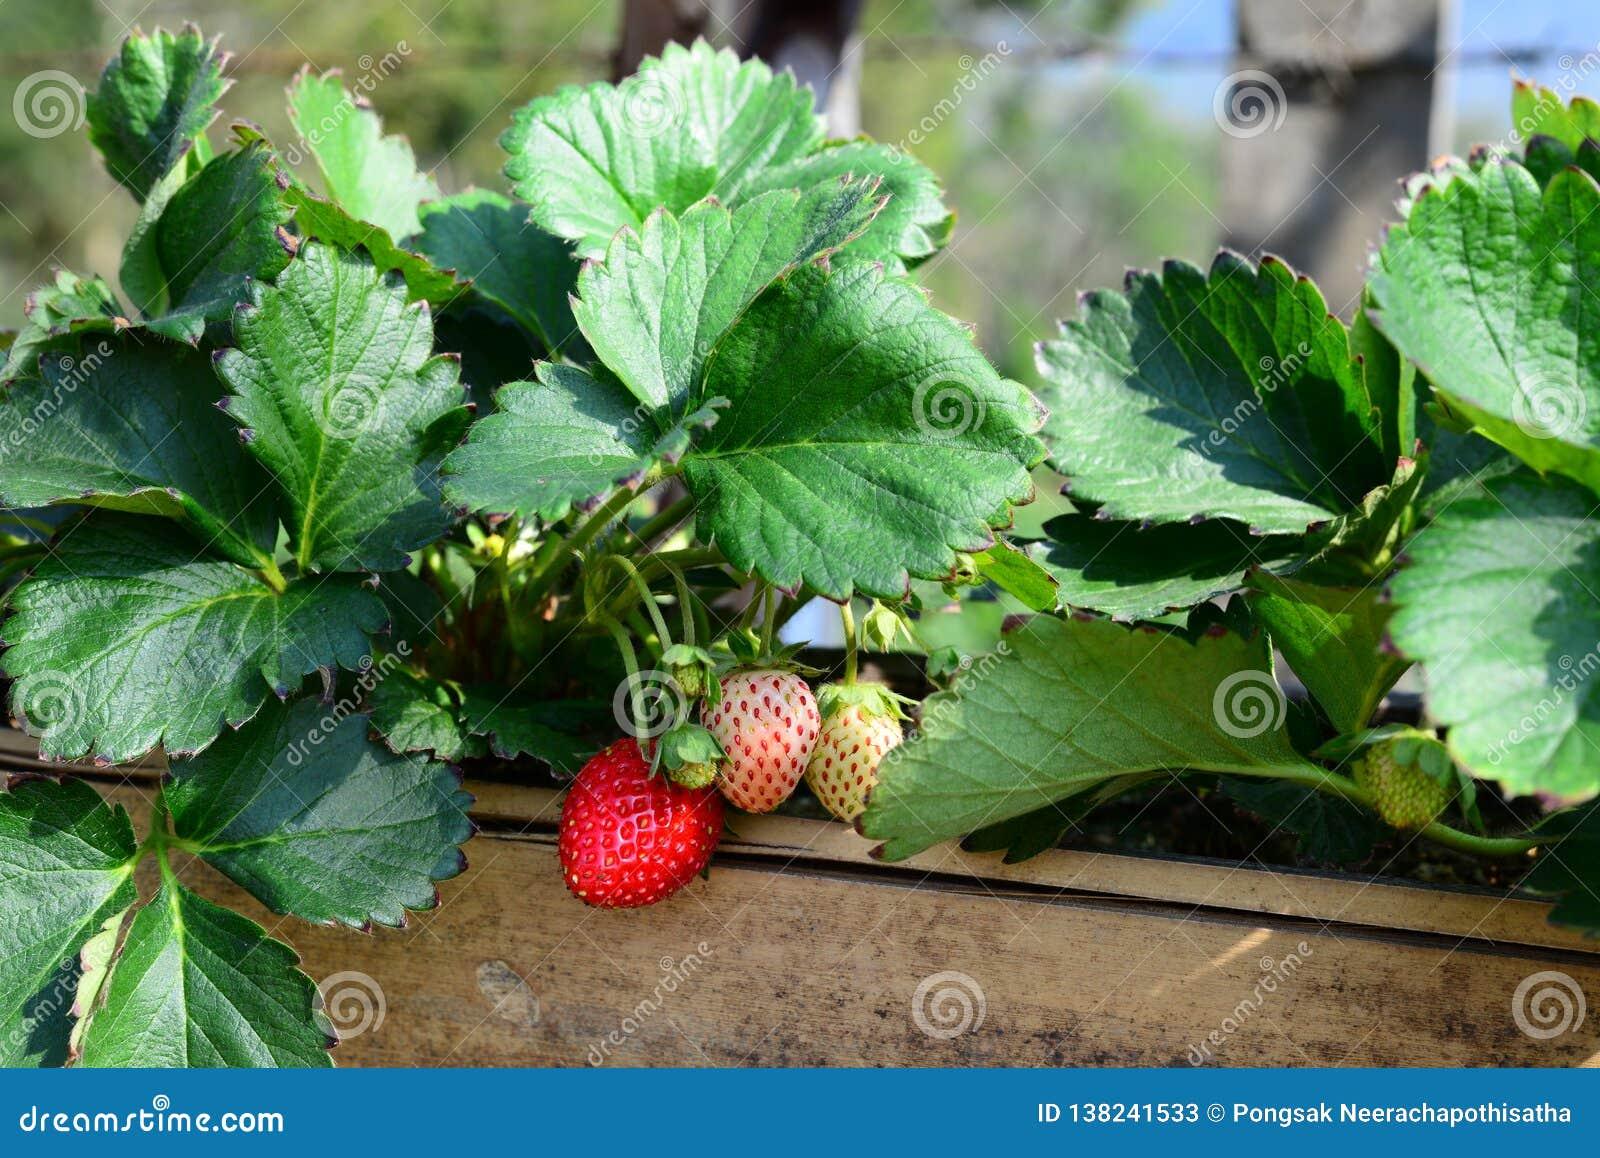 Nya söta jordgubbefrukter glöder i bamburöret